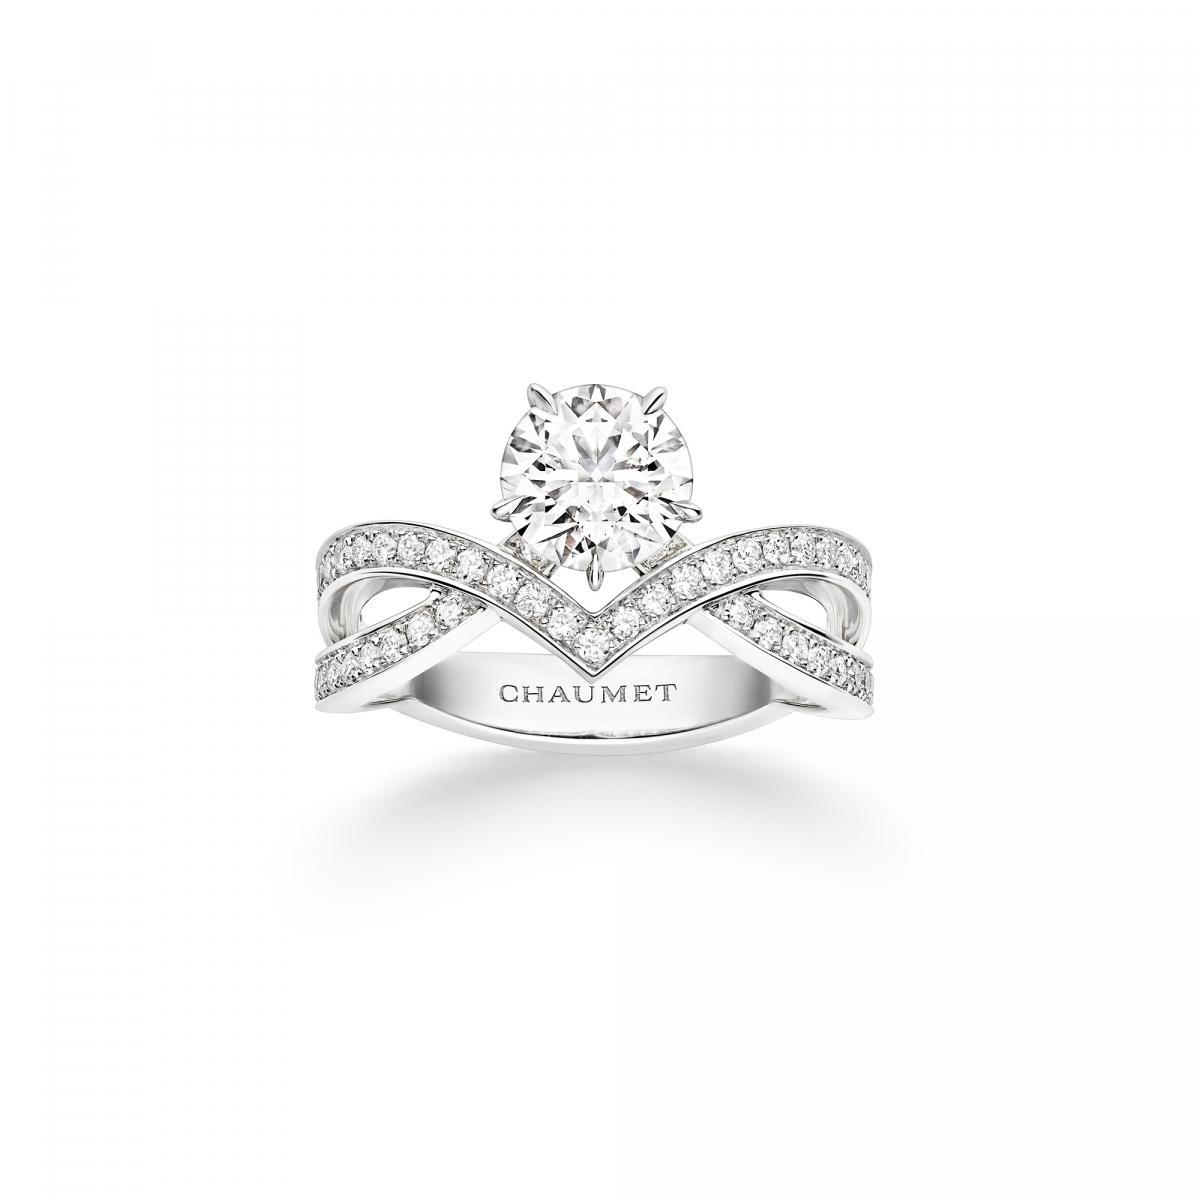 「ジョゼフィーヌ」コレクション アムール デグレット リング〈Pt、ダイヤモンド0.5ct~〉¥899,000